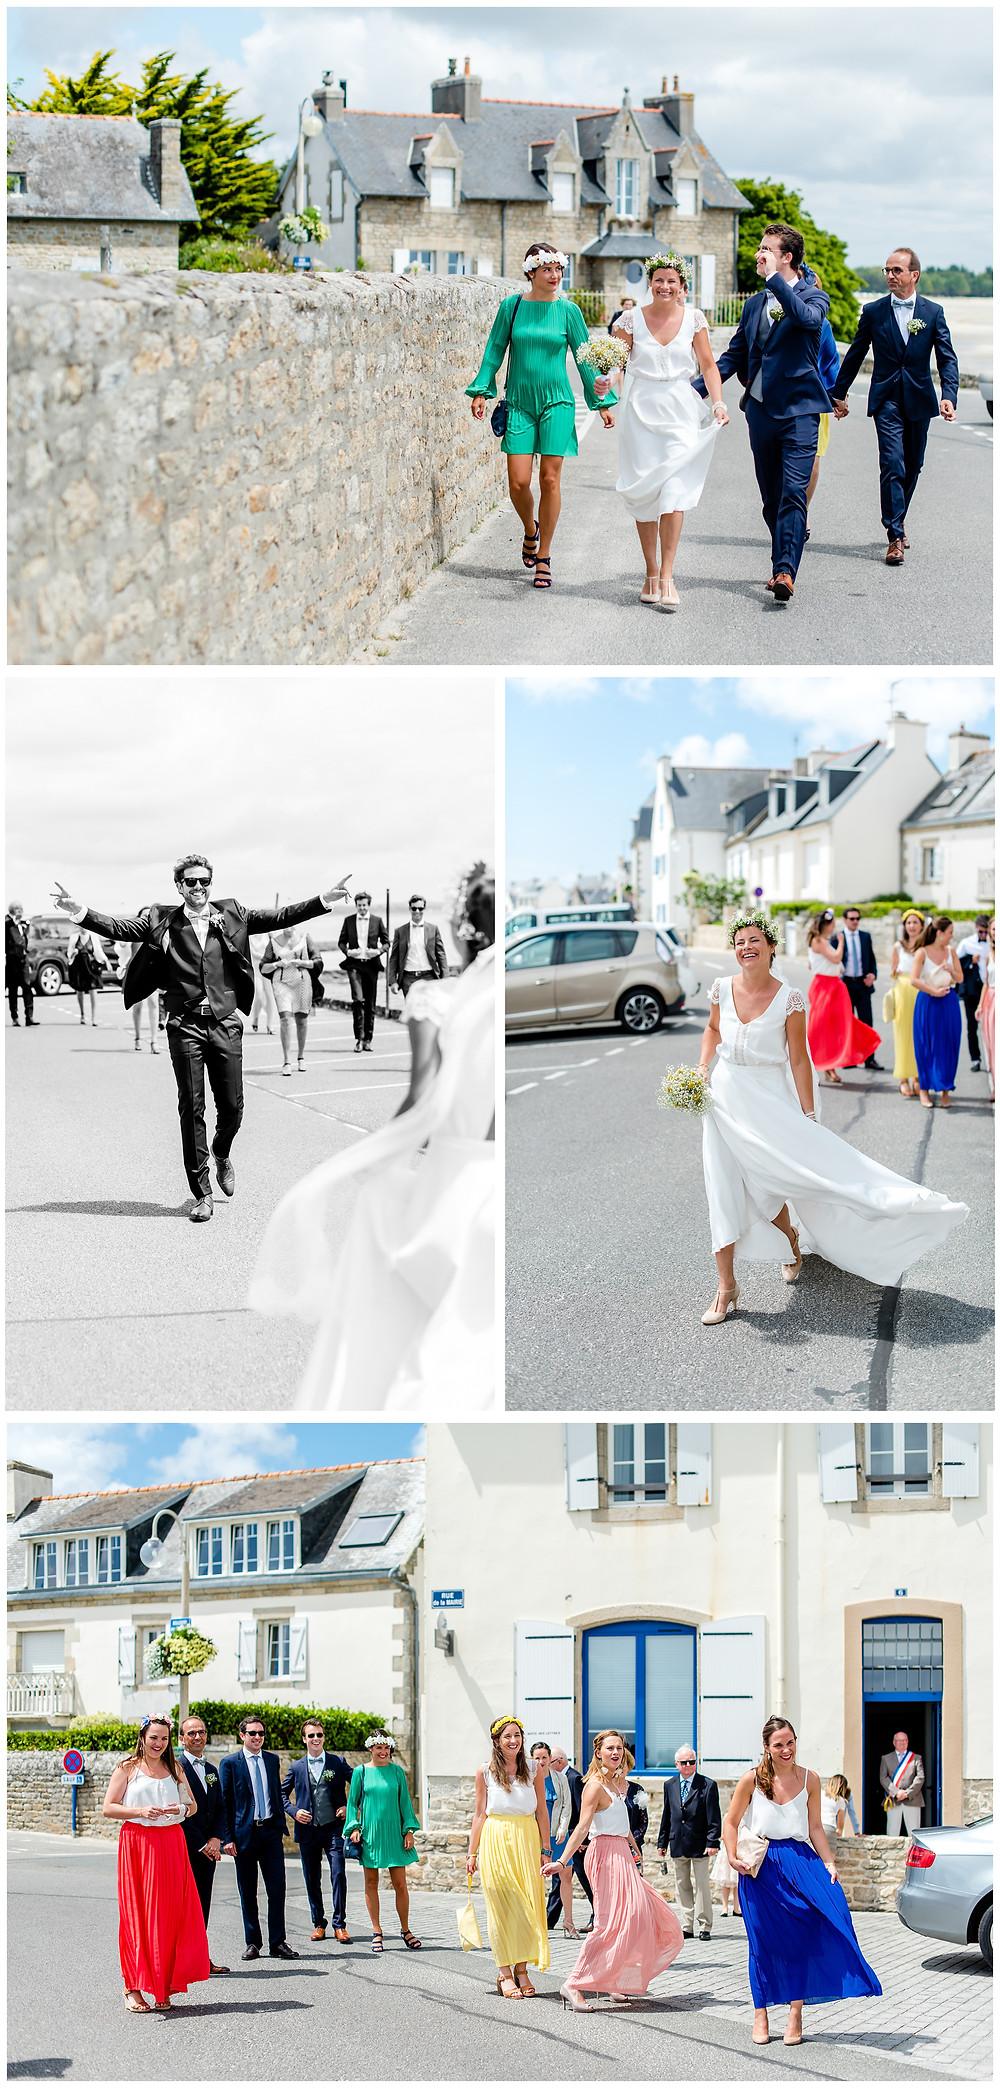 Mariage àl'Ile Tudy - Manoir de Kérouzien - photos mairie mariage civil - Brigitte Delibes Photographie - Photographe Mariage Nantes